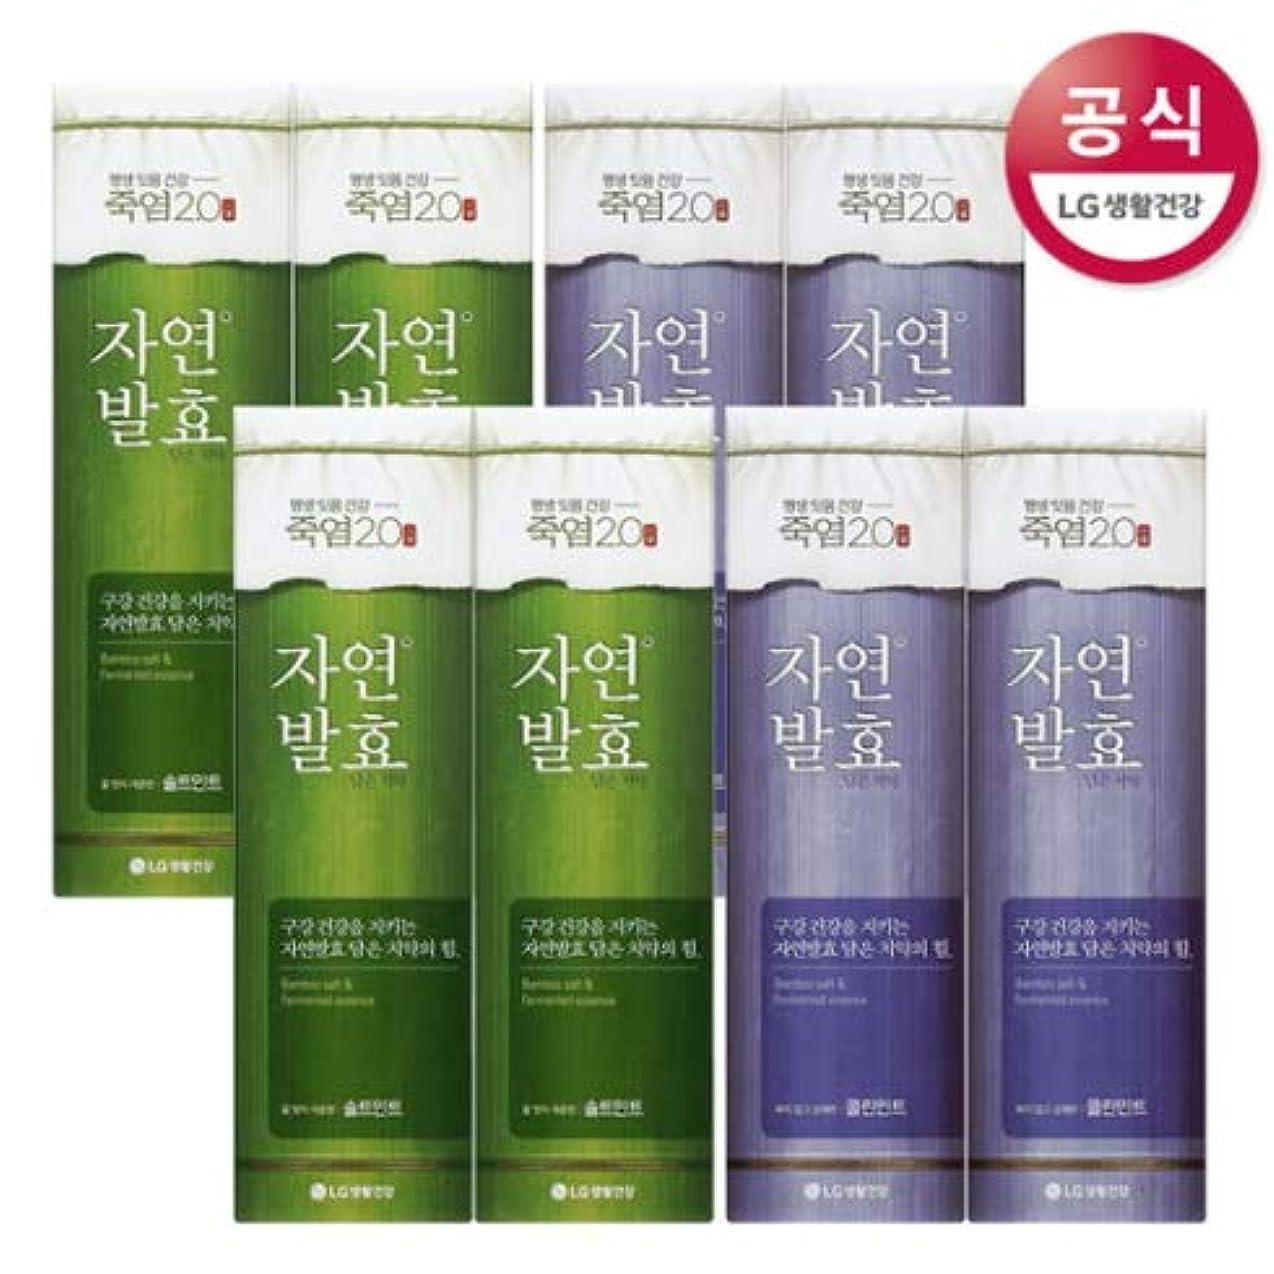 荷物エイズ維持する[LG HnB] Bamboo salt natural fermentation toothpaste/竹塩自然発酵入れた歯磨き粉 100gx8個(海外直送品)